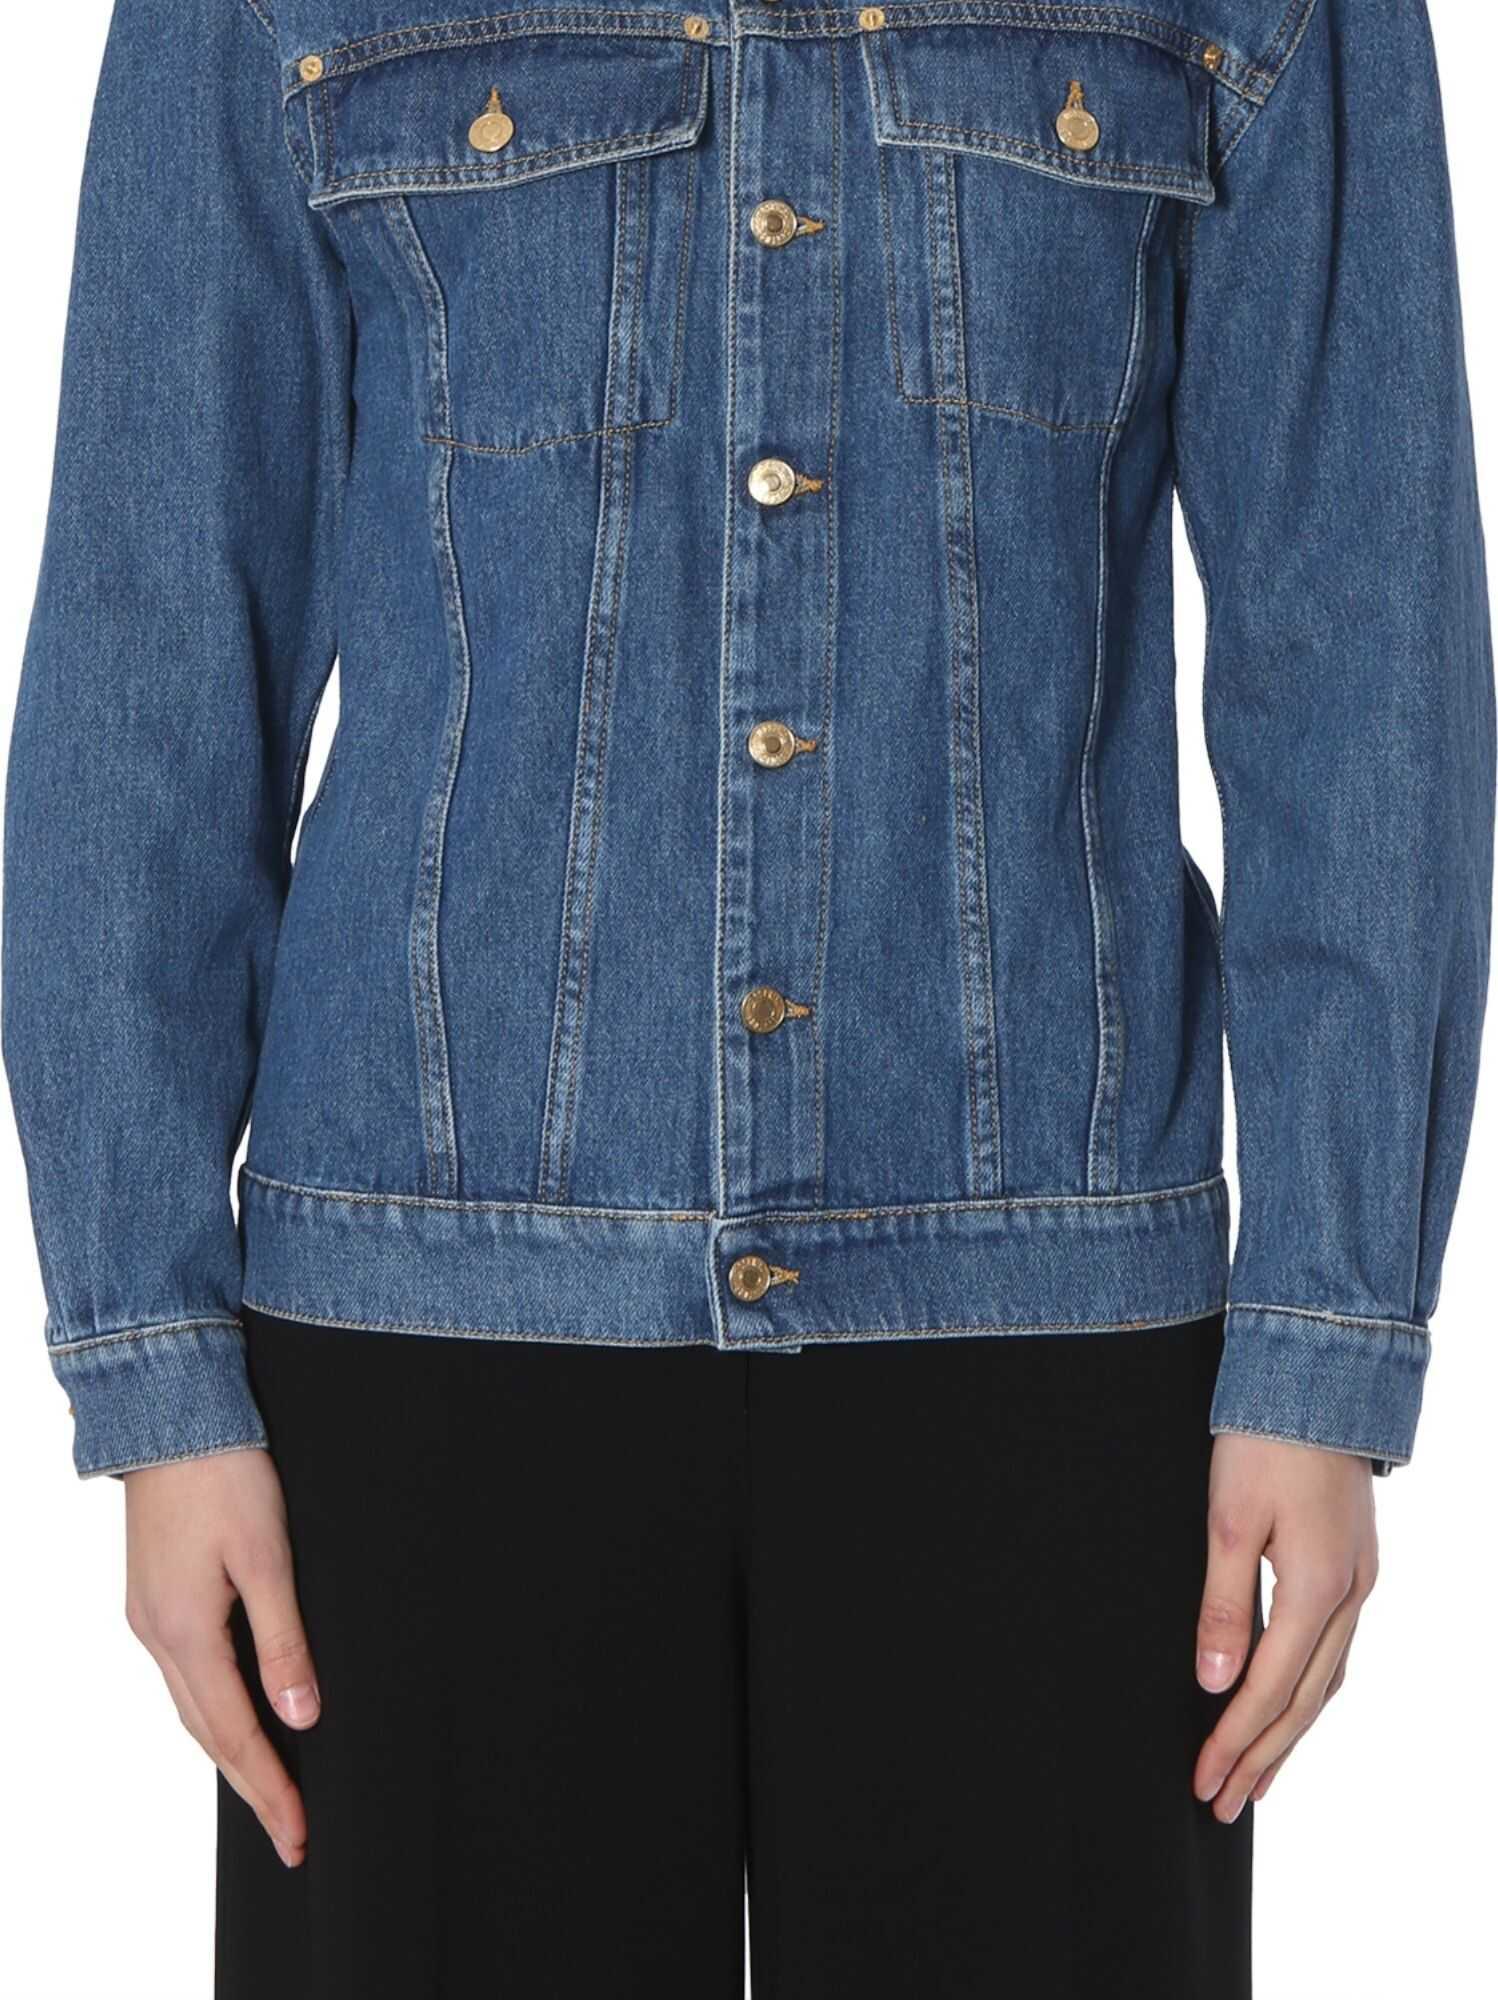 Moschino Denim Jacket BLUE